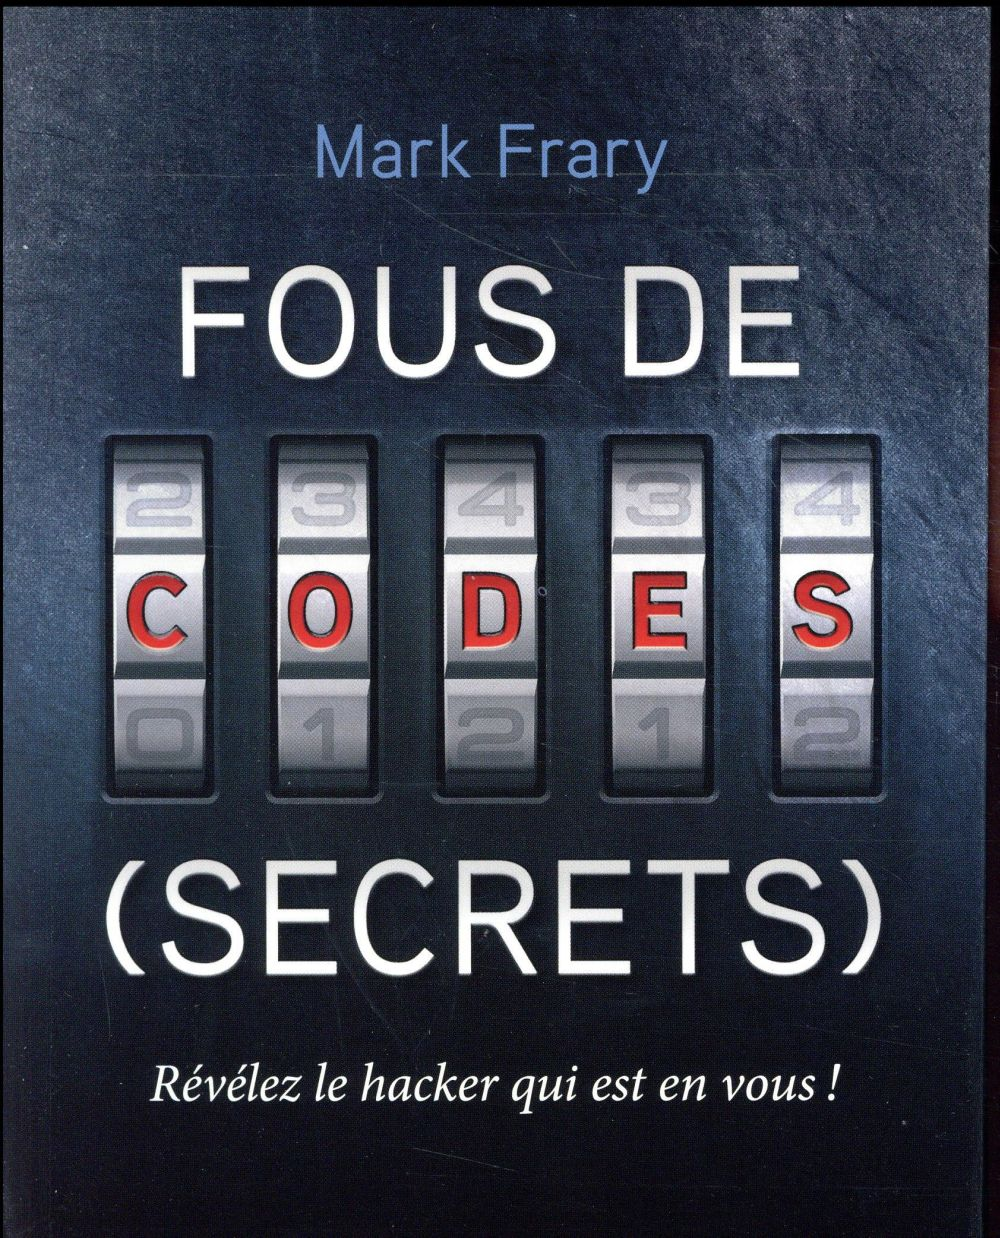 FOUS DE CODES SECRETS